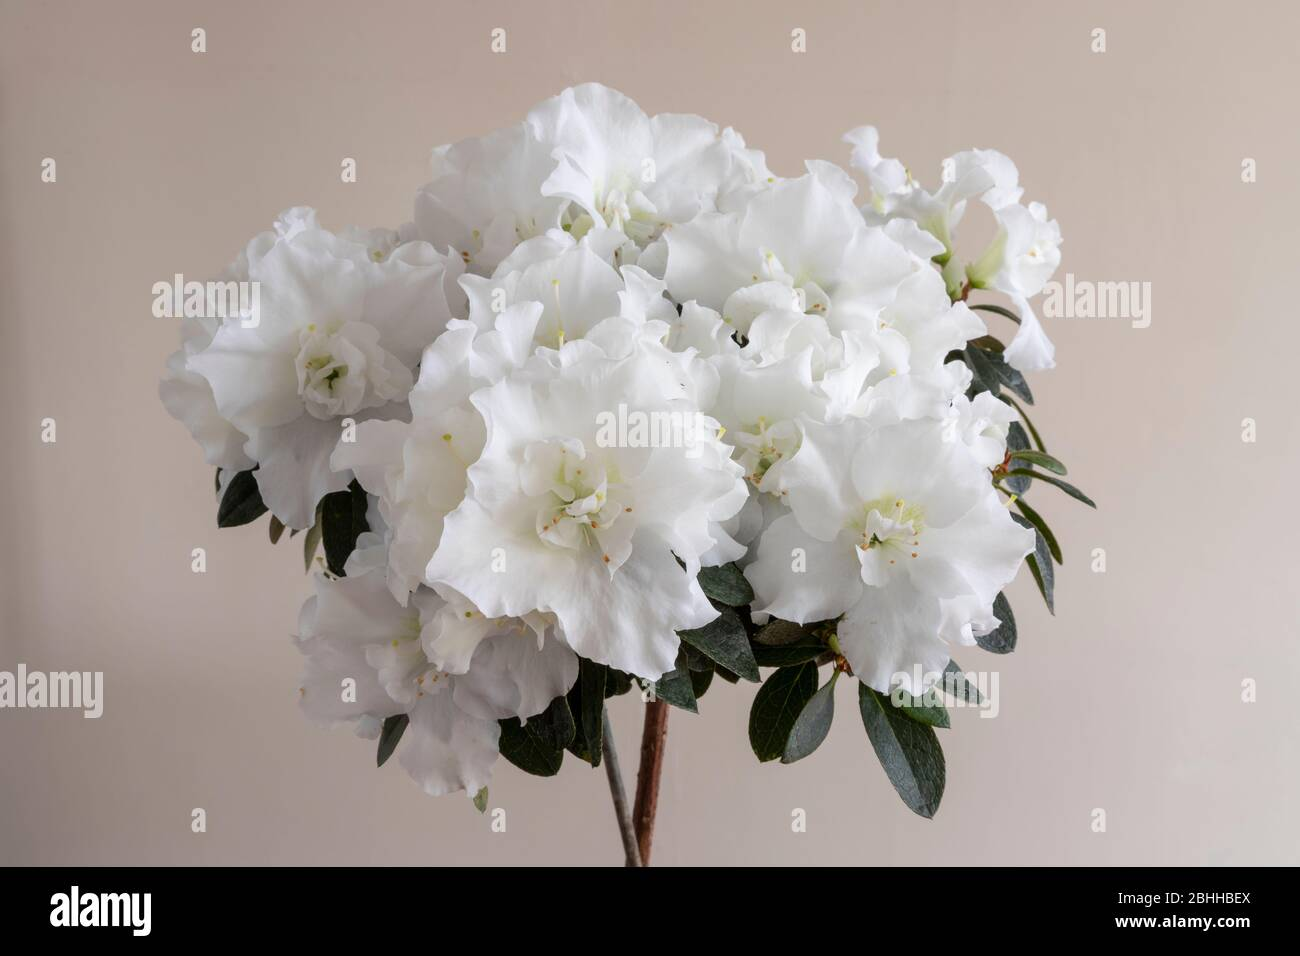 White azalea flowers in full bloom Stock Photo